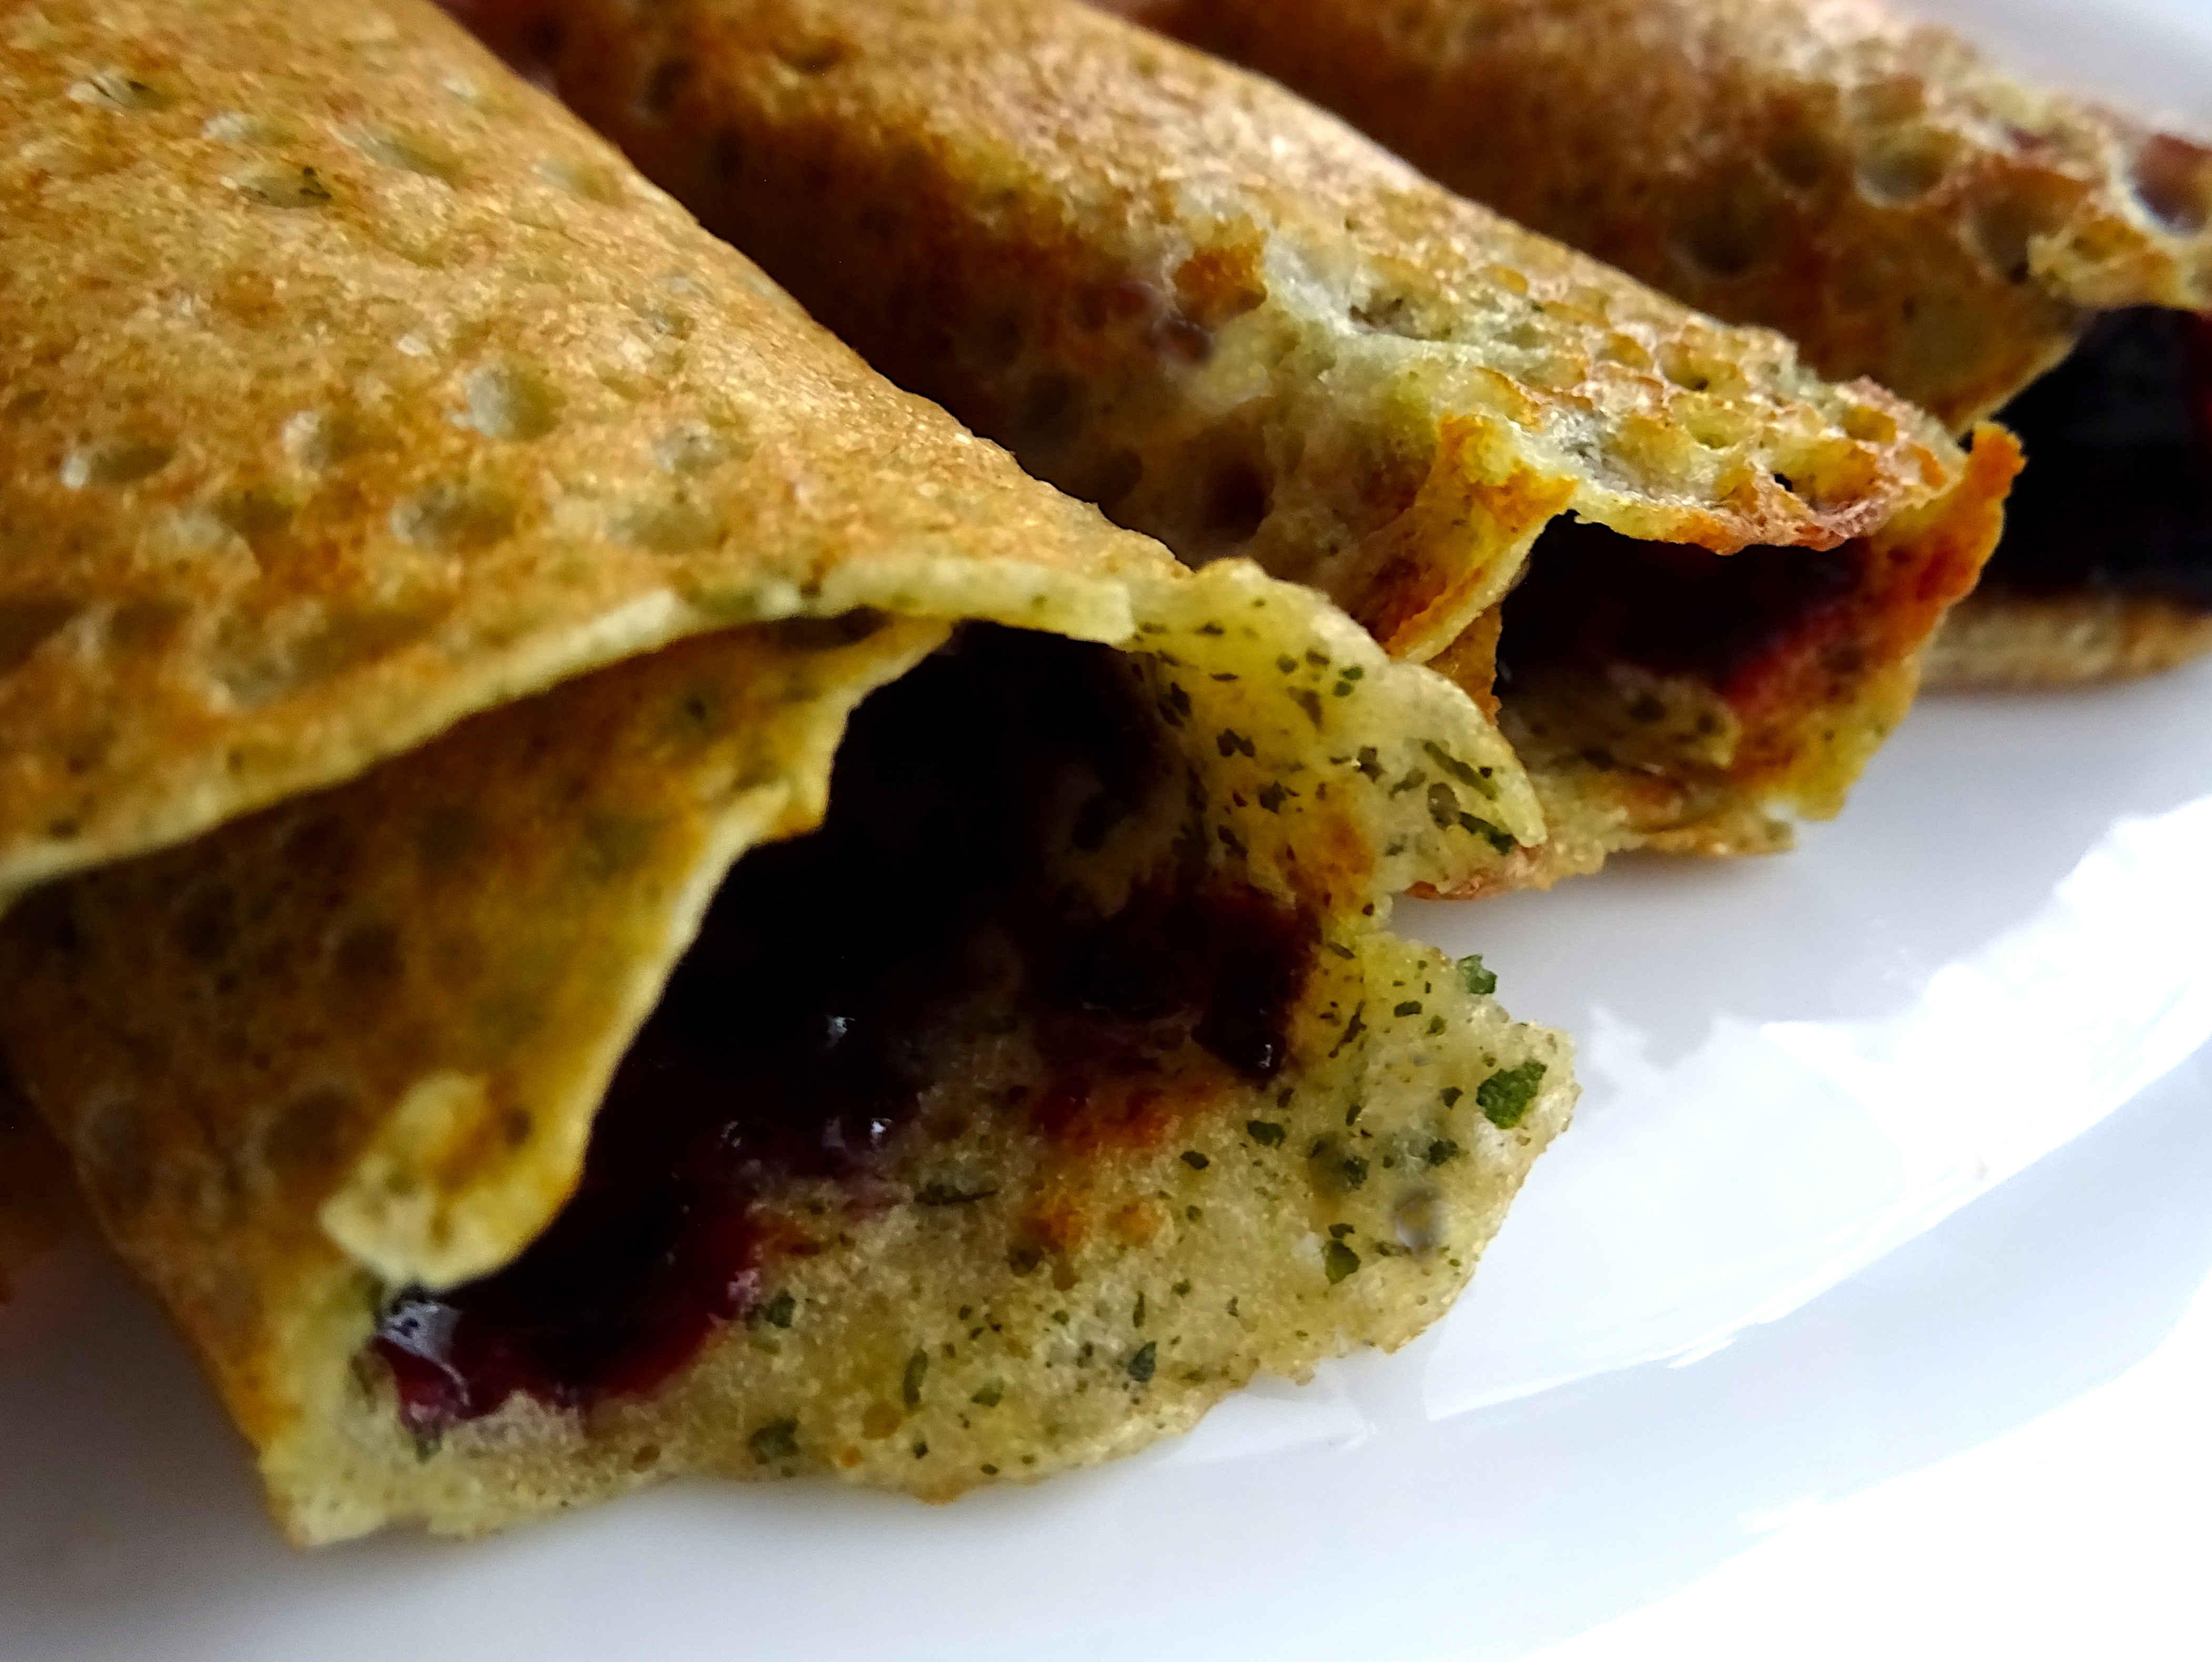 Glutenfreies Frühstück mit glutenfreien Pfannkuchen und Heidelbeergelee